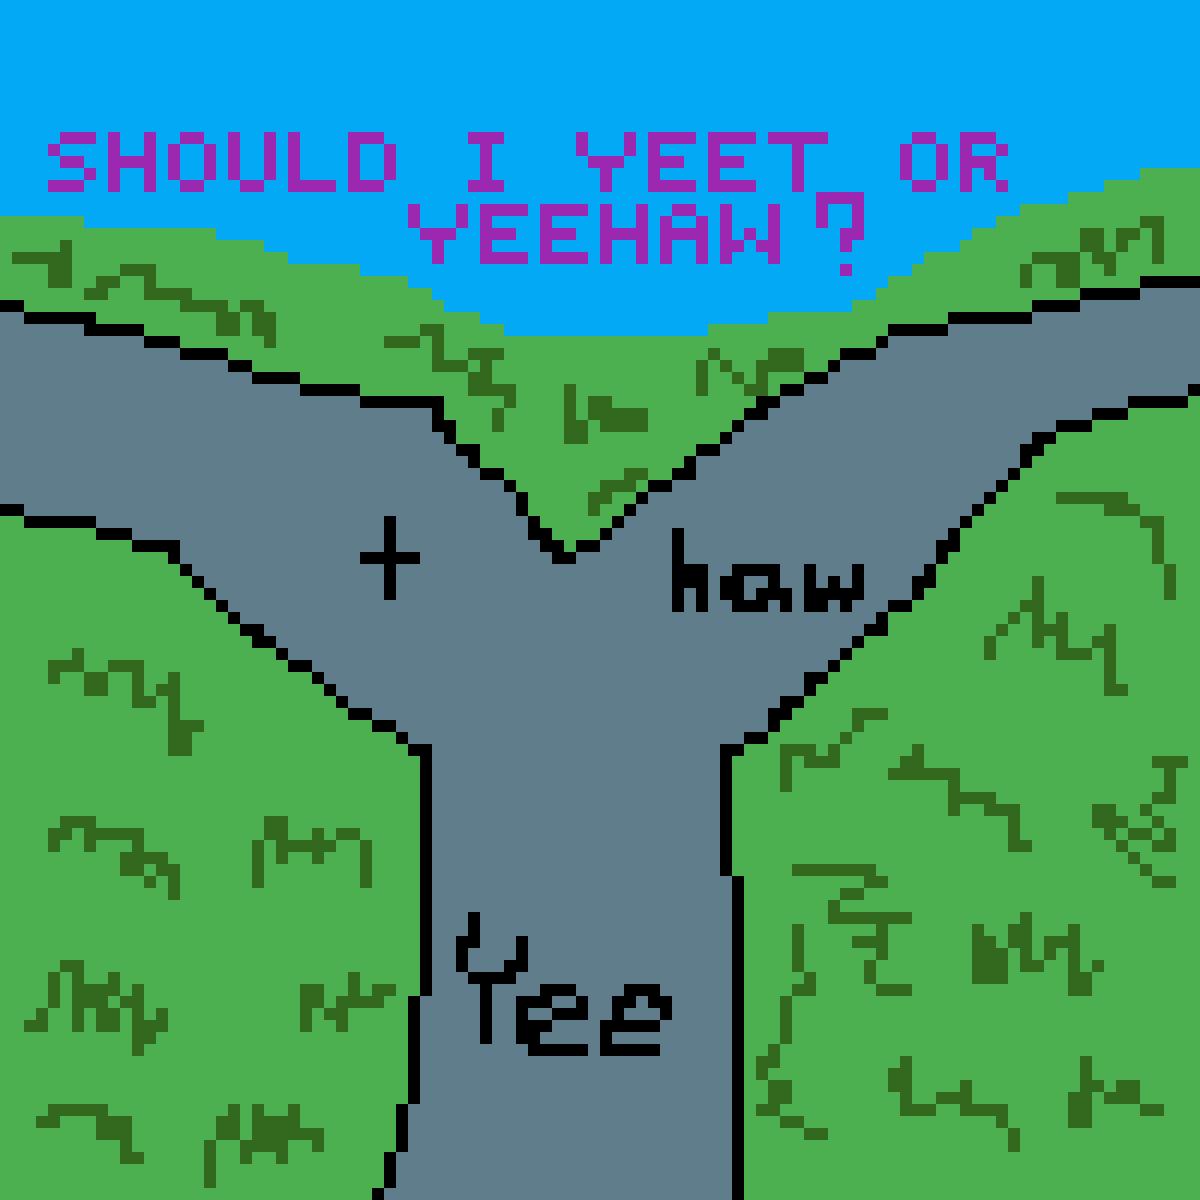 Should I Yeet Or Should I Yeehaw